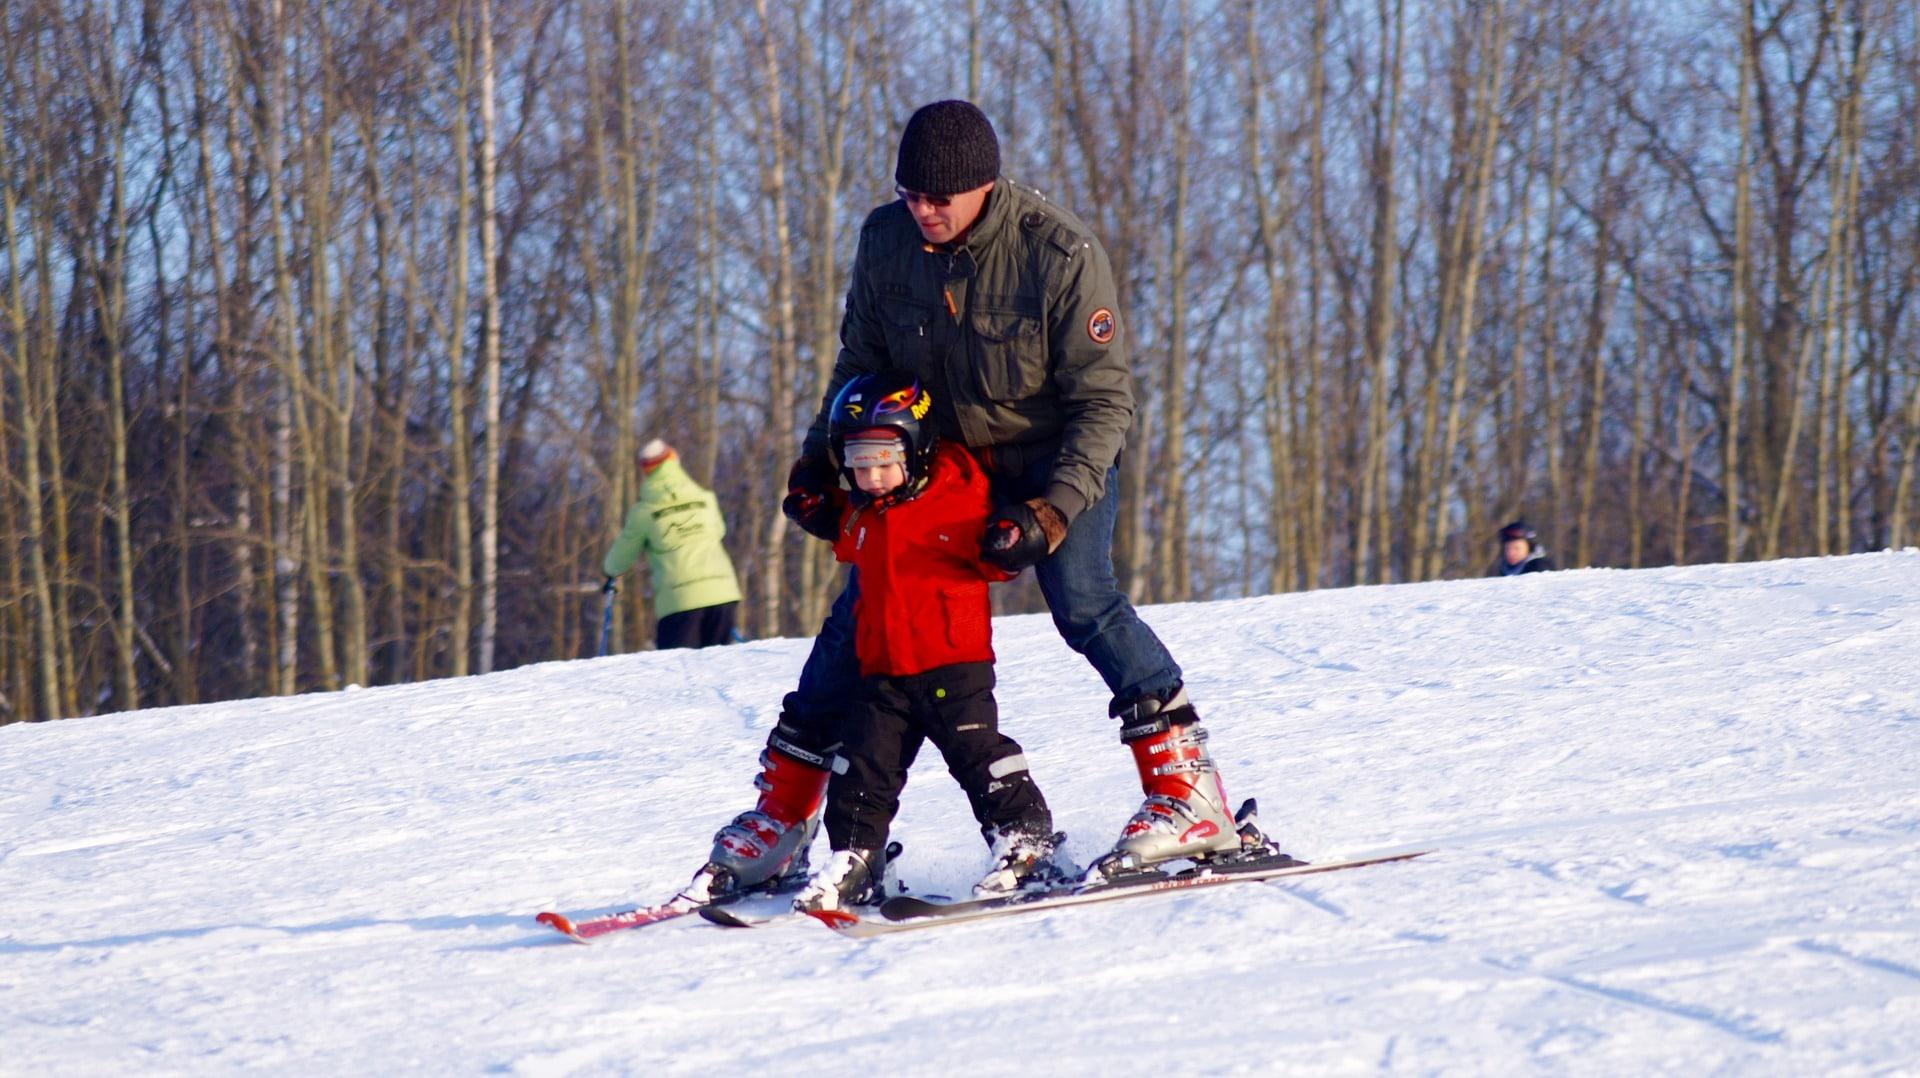 skiing kids children pixabay